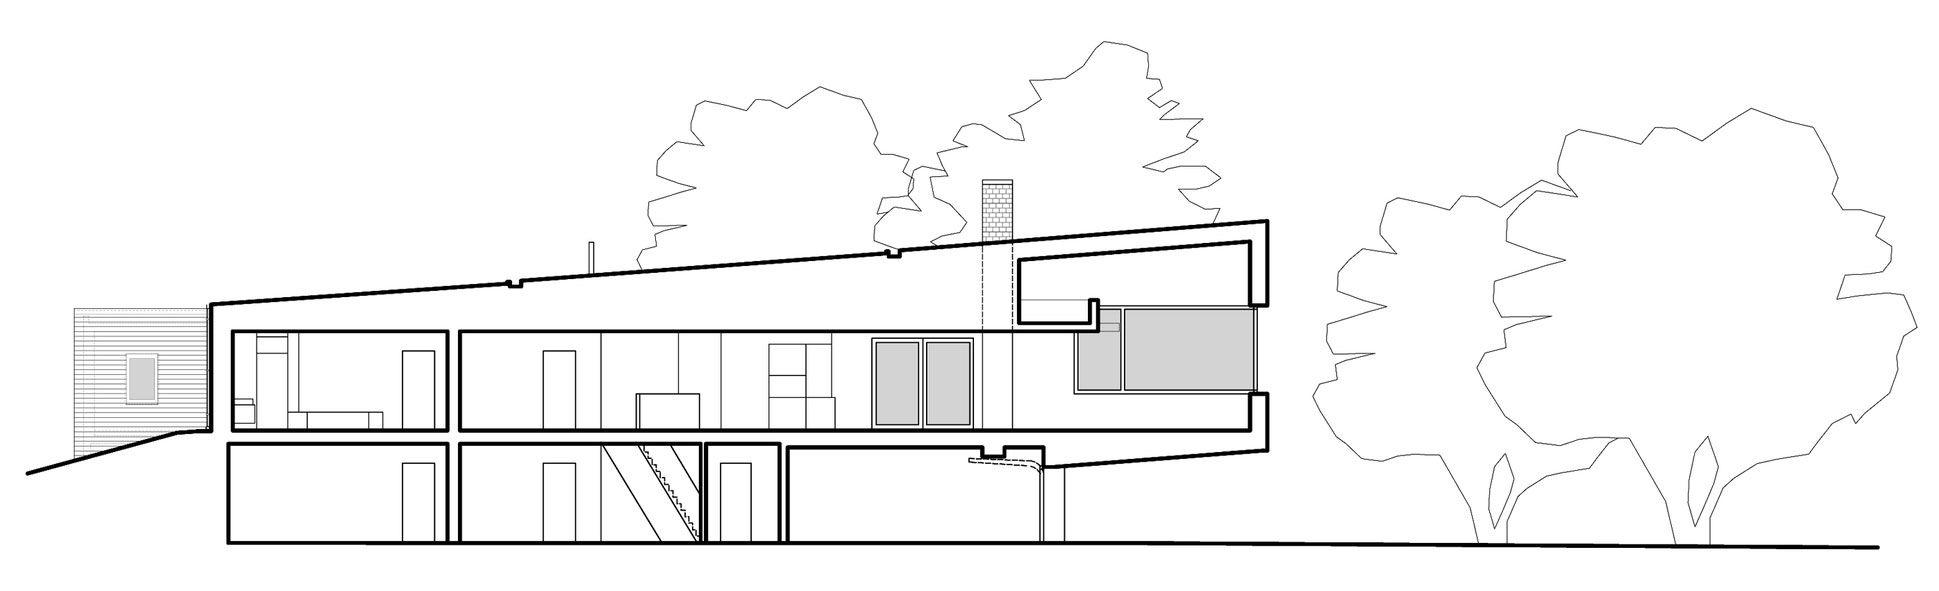 twin-houses-28